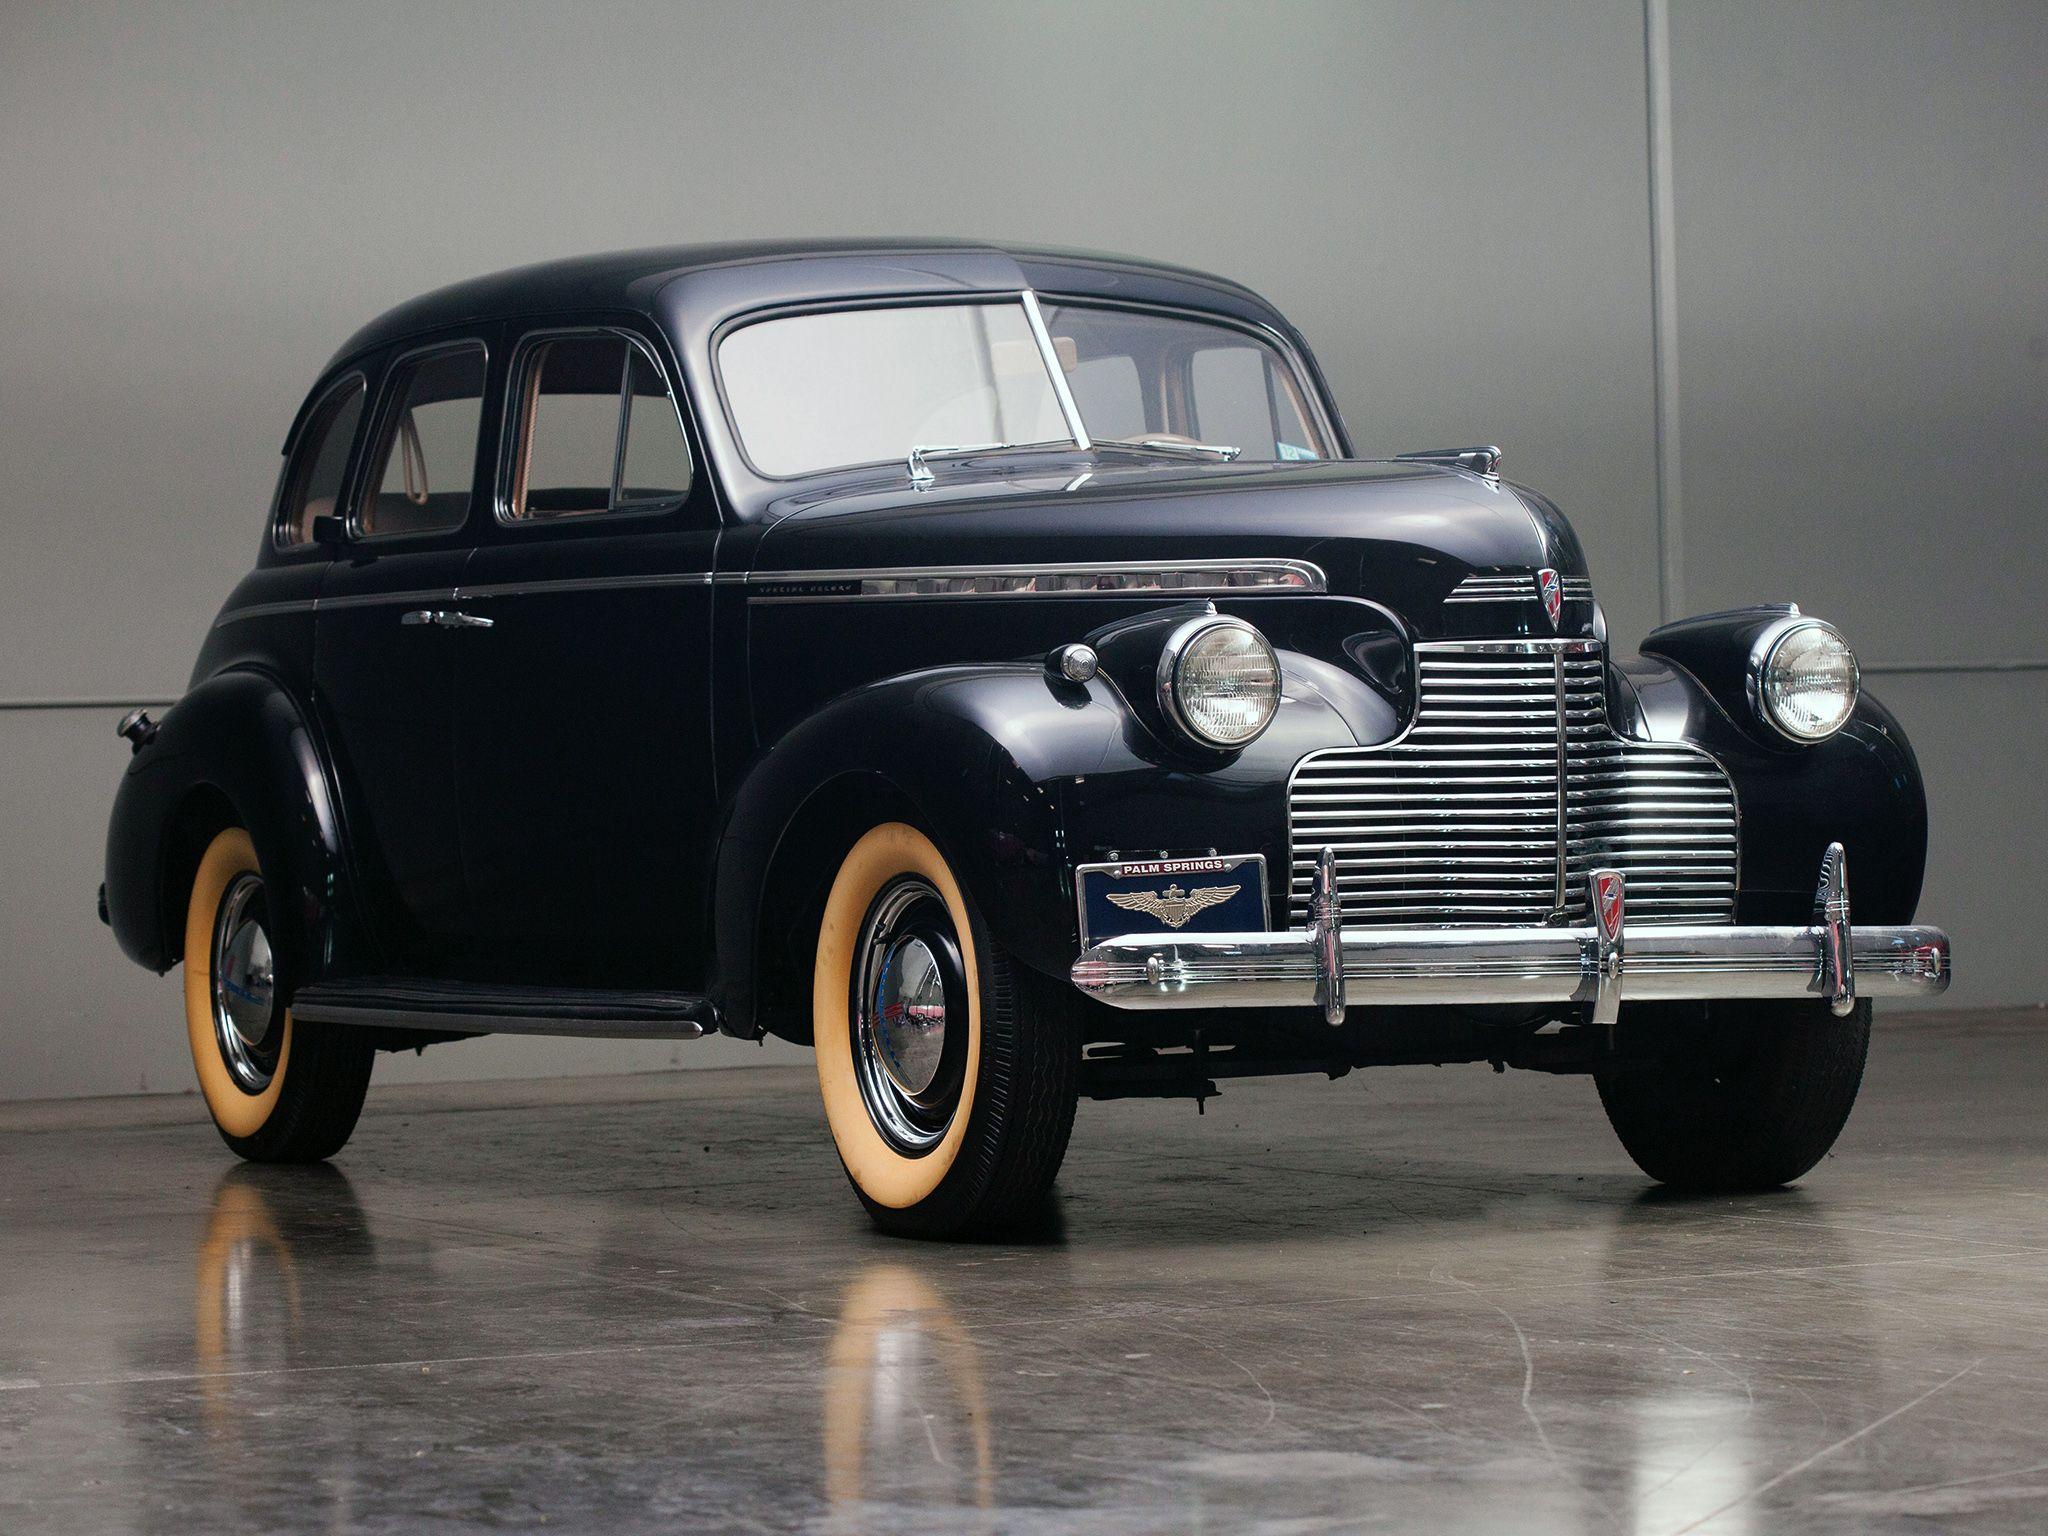 1940 Chevrolet Special DeLuxe 4-door Sport Sedan | The Automobile ...